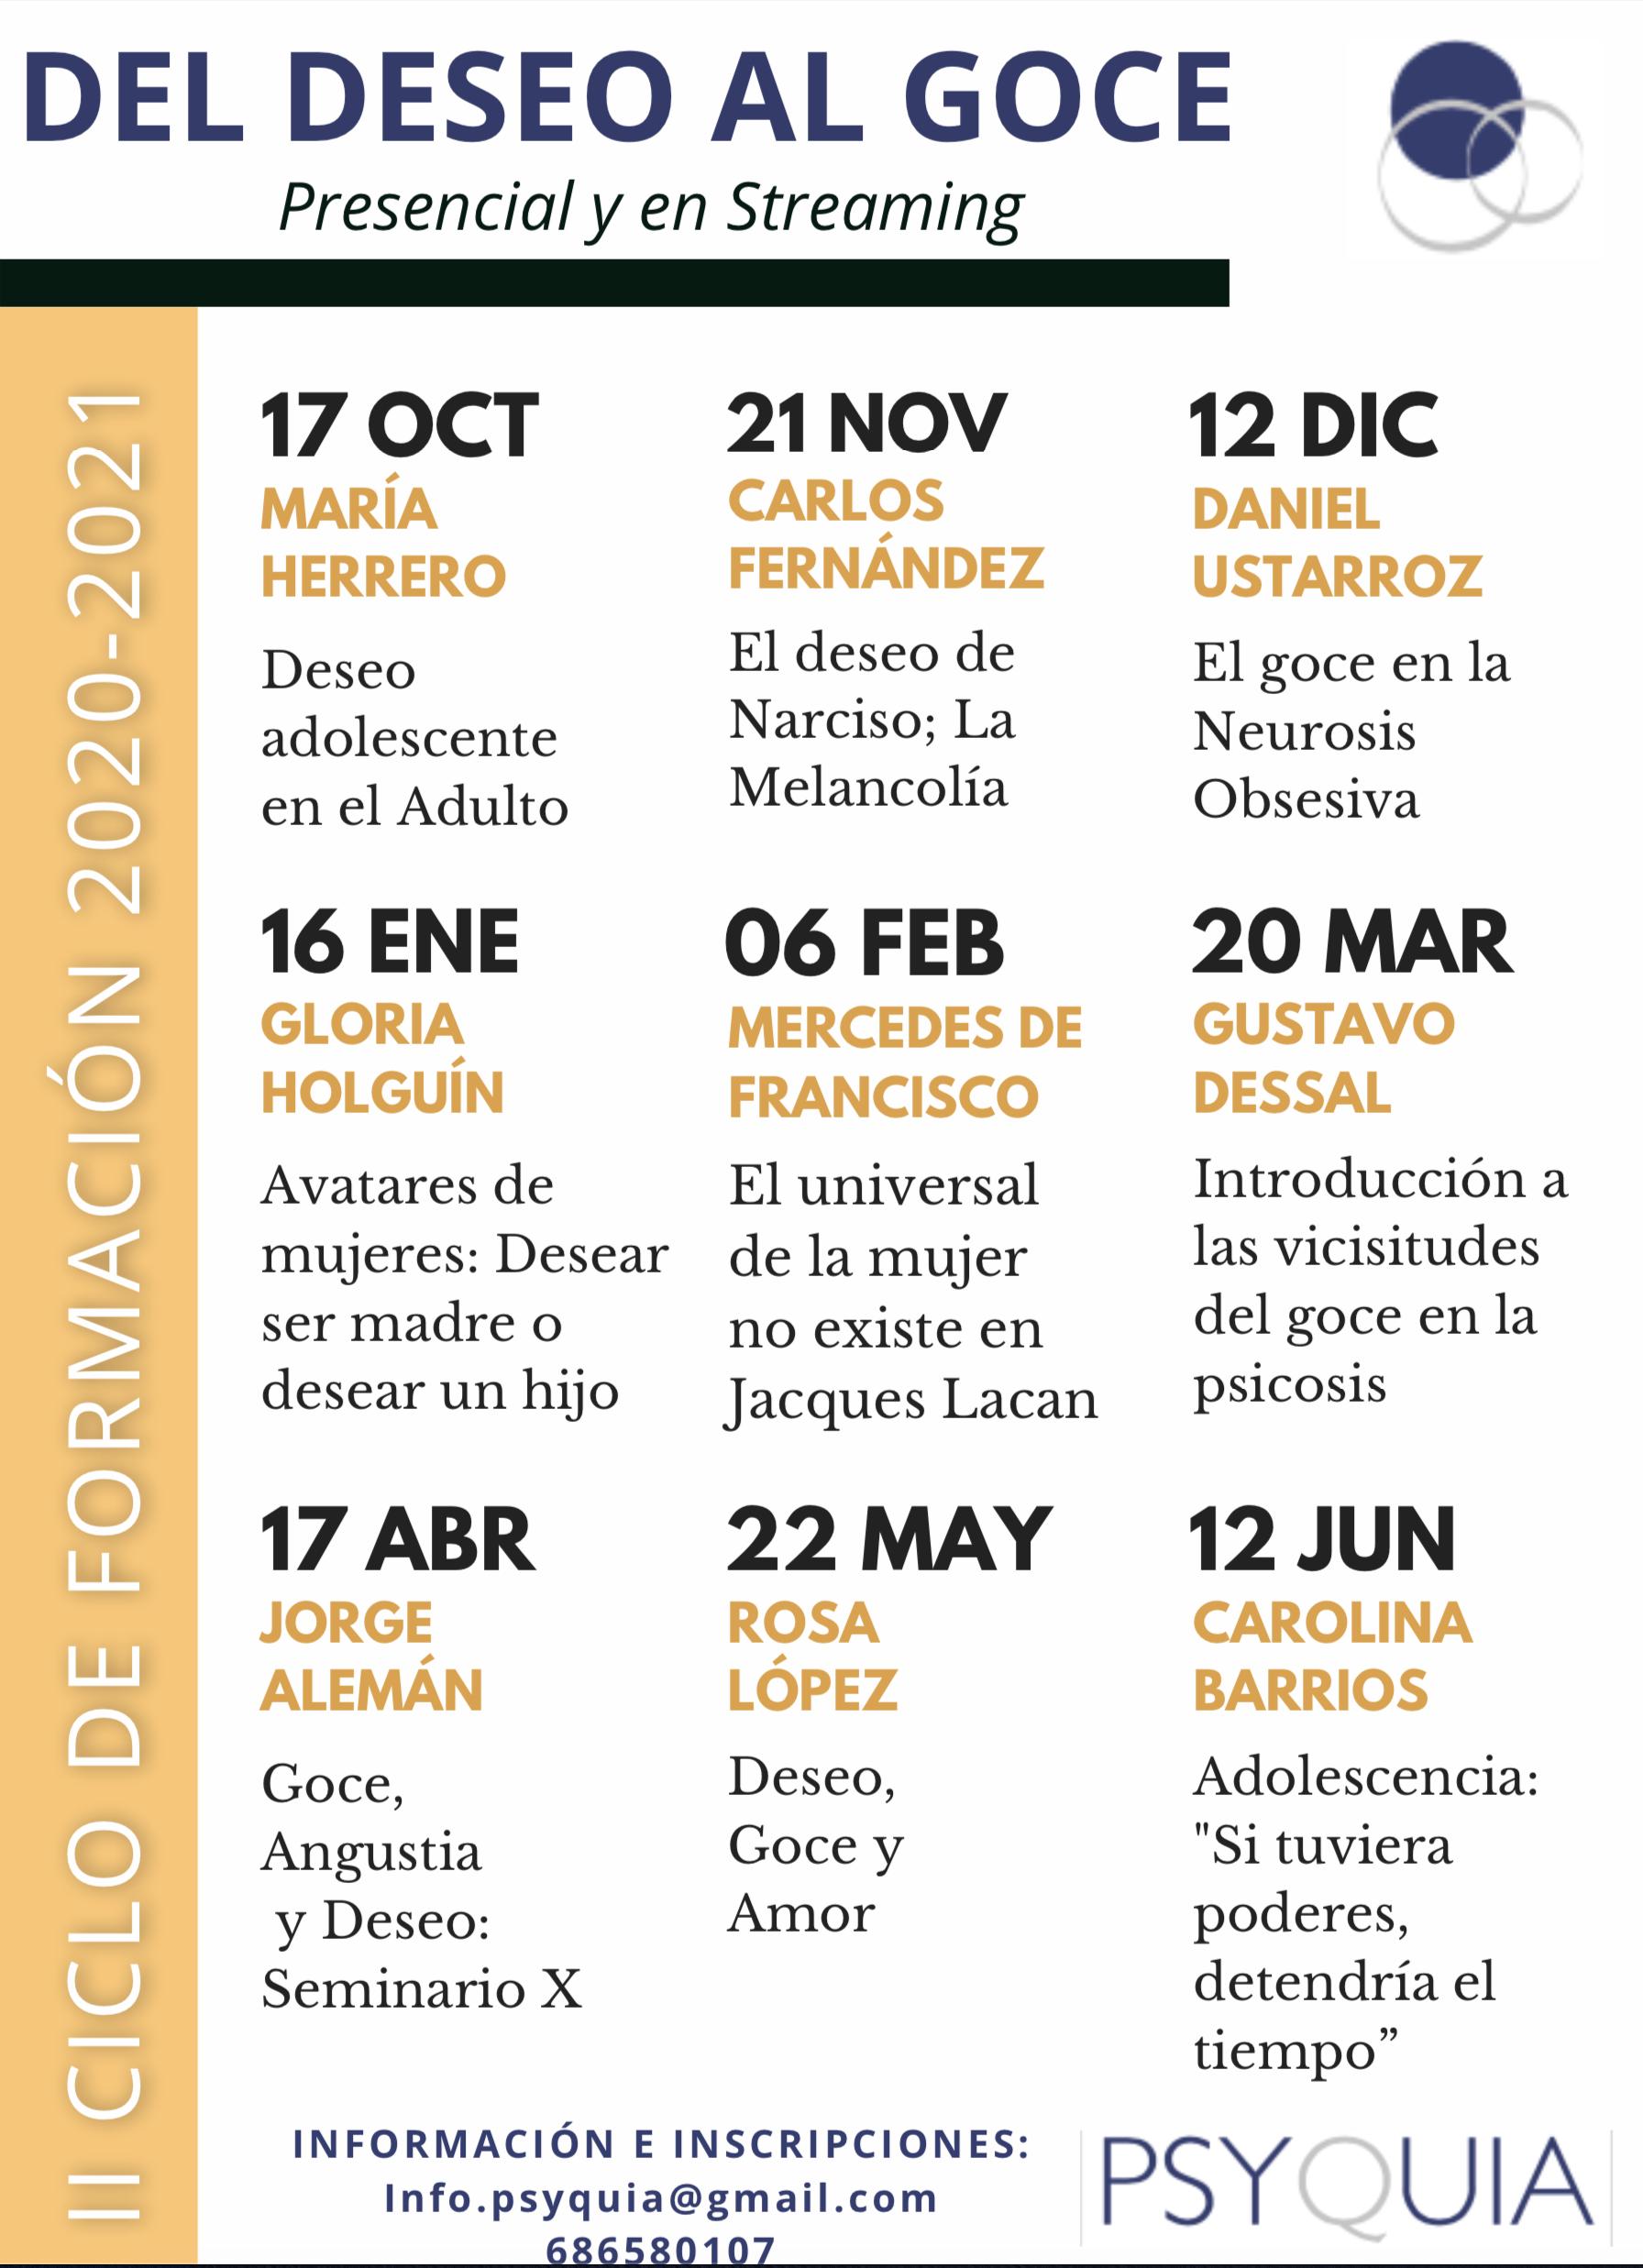 II Ciclo de formación 2020/2021: Del deseo al goce.